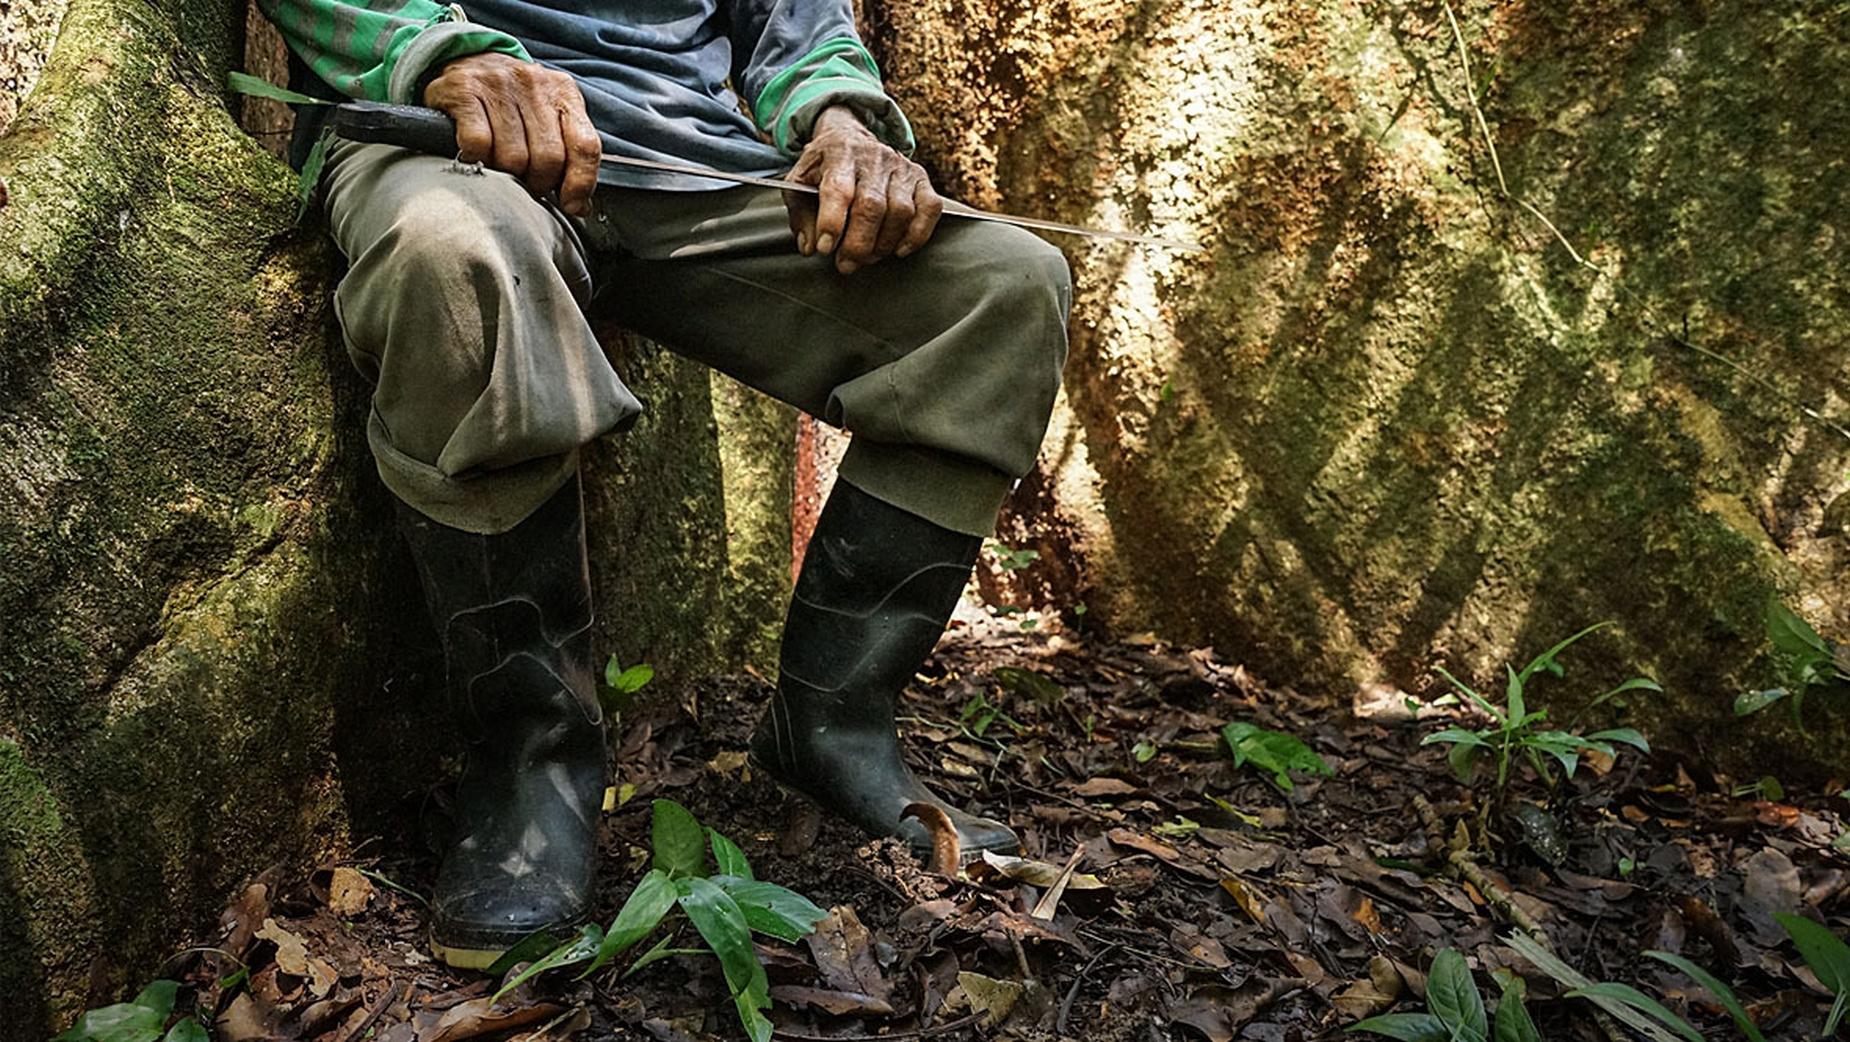 ALERTA. El año pasado se incrementaron las muertes de defensores ambientales en todo el mundo.